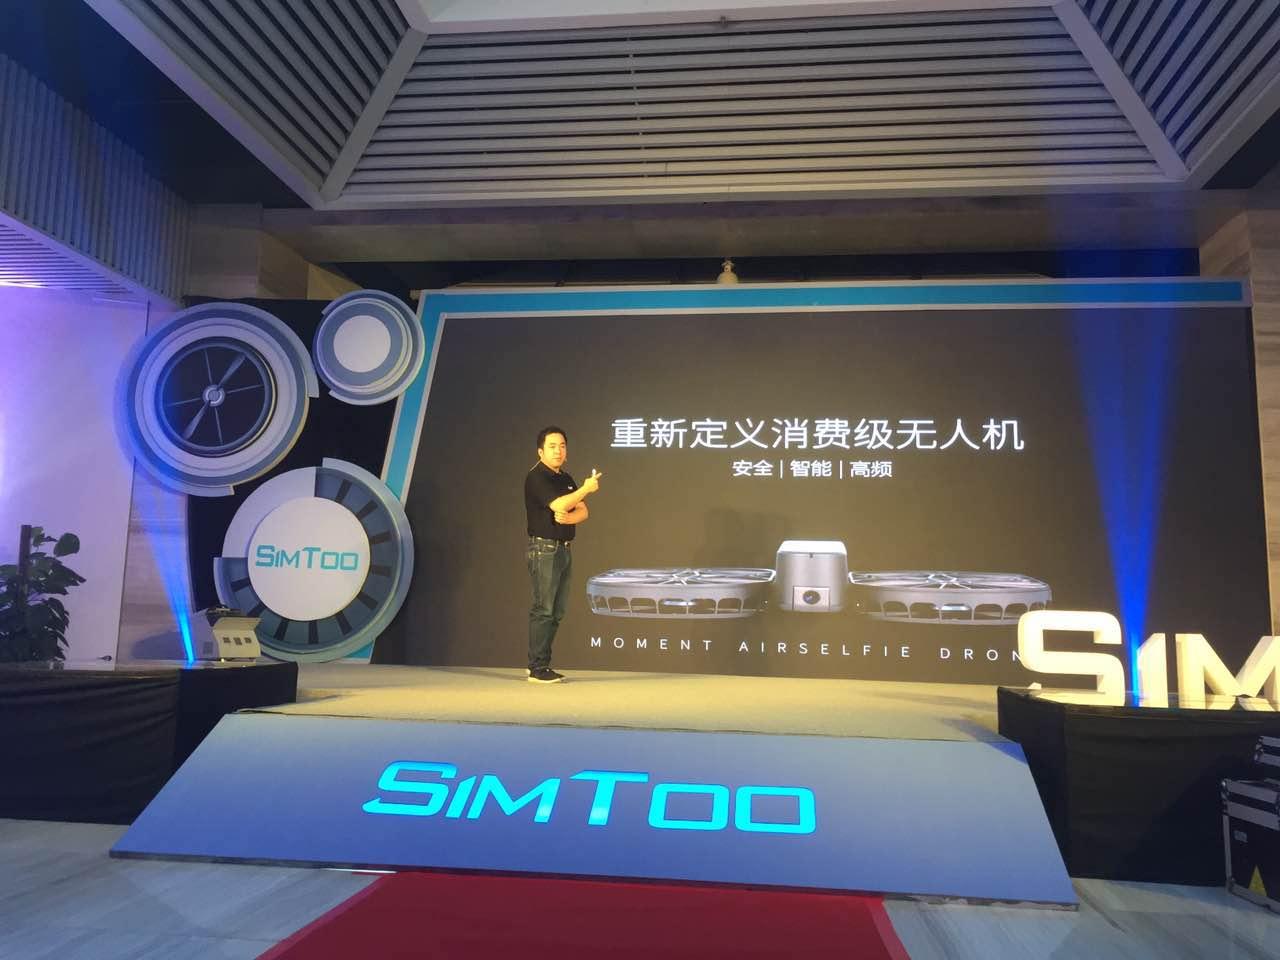 星图智控推出时光无人机 是拥有4K智能空中相机